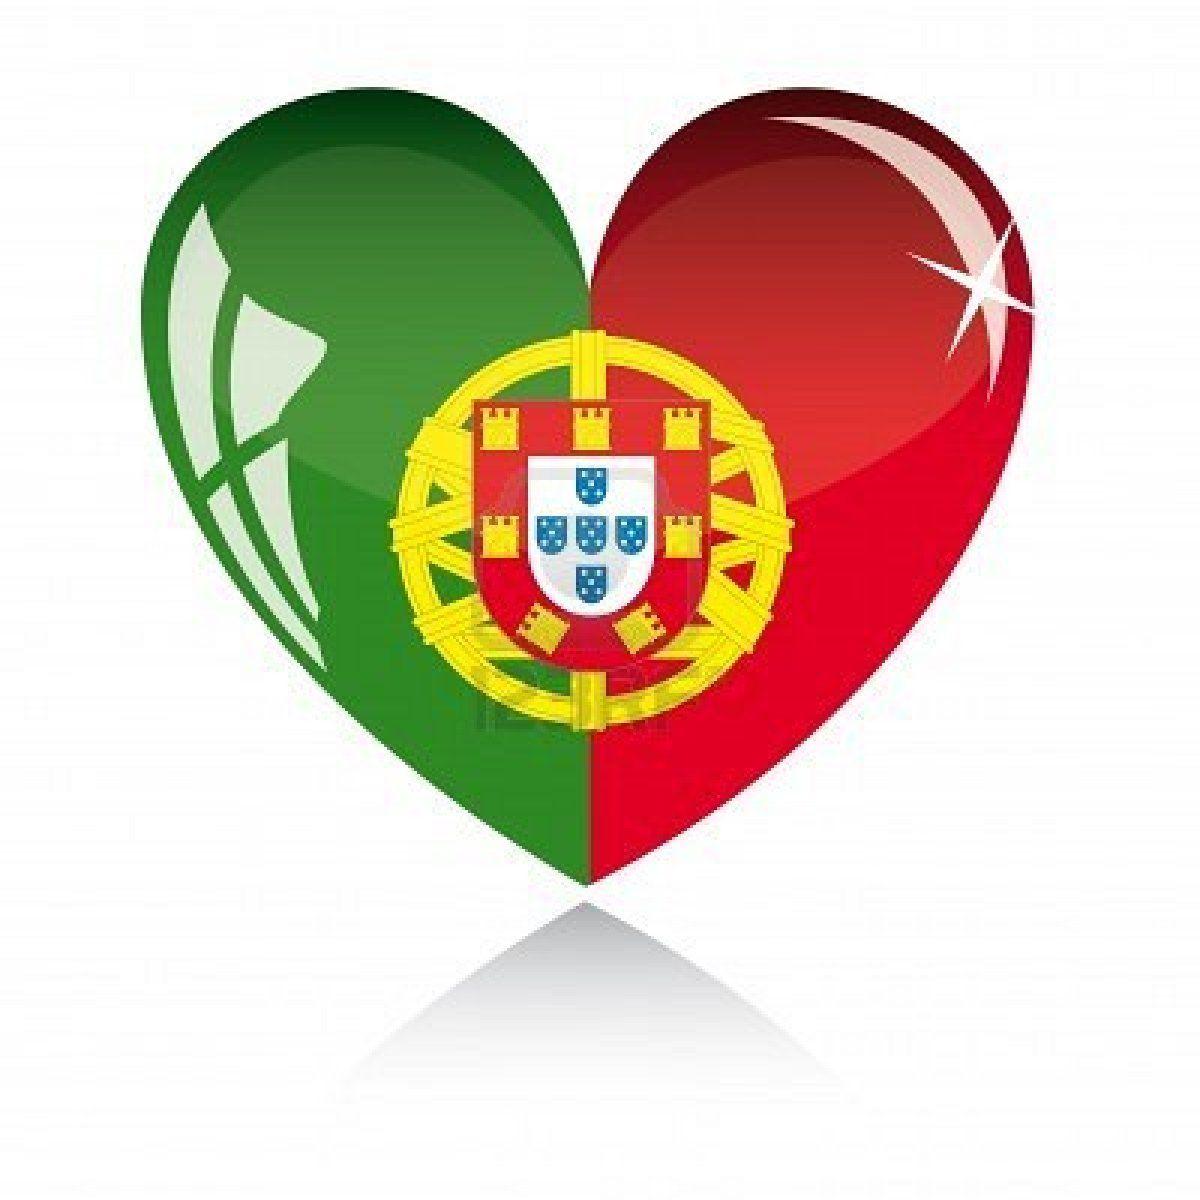 Coeur Avec Portugal Drapeau Texture Isolee Sur Un Fond Blanc Portugal Drapeau Drapeau Portugais Tatouage Portugais